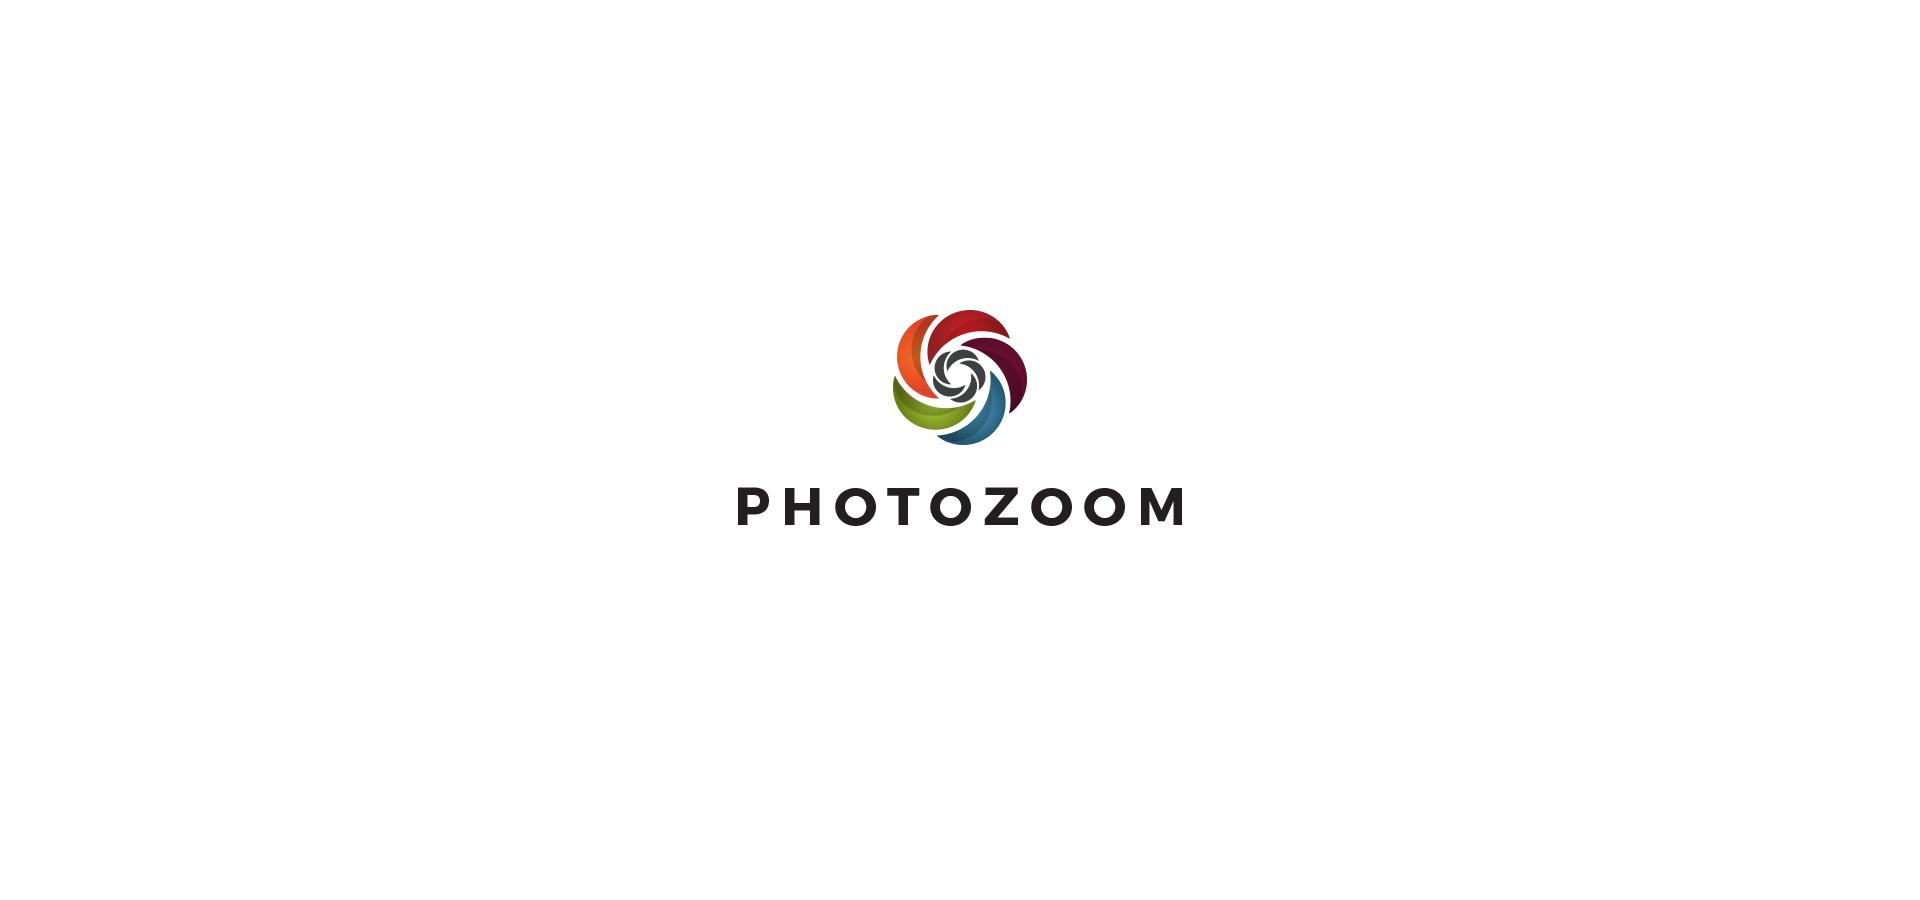 photozoom inspiration